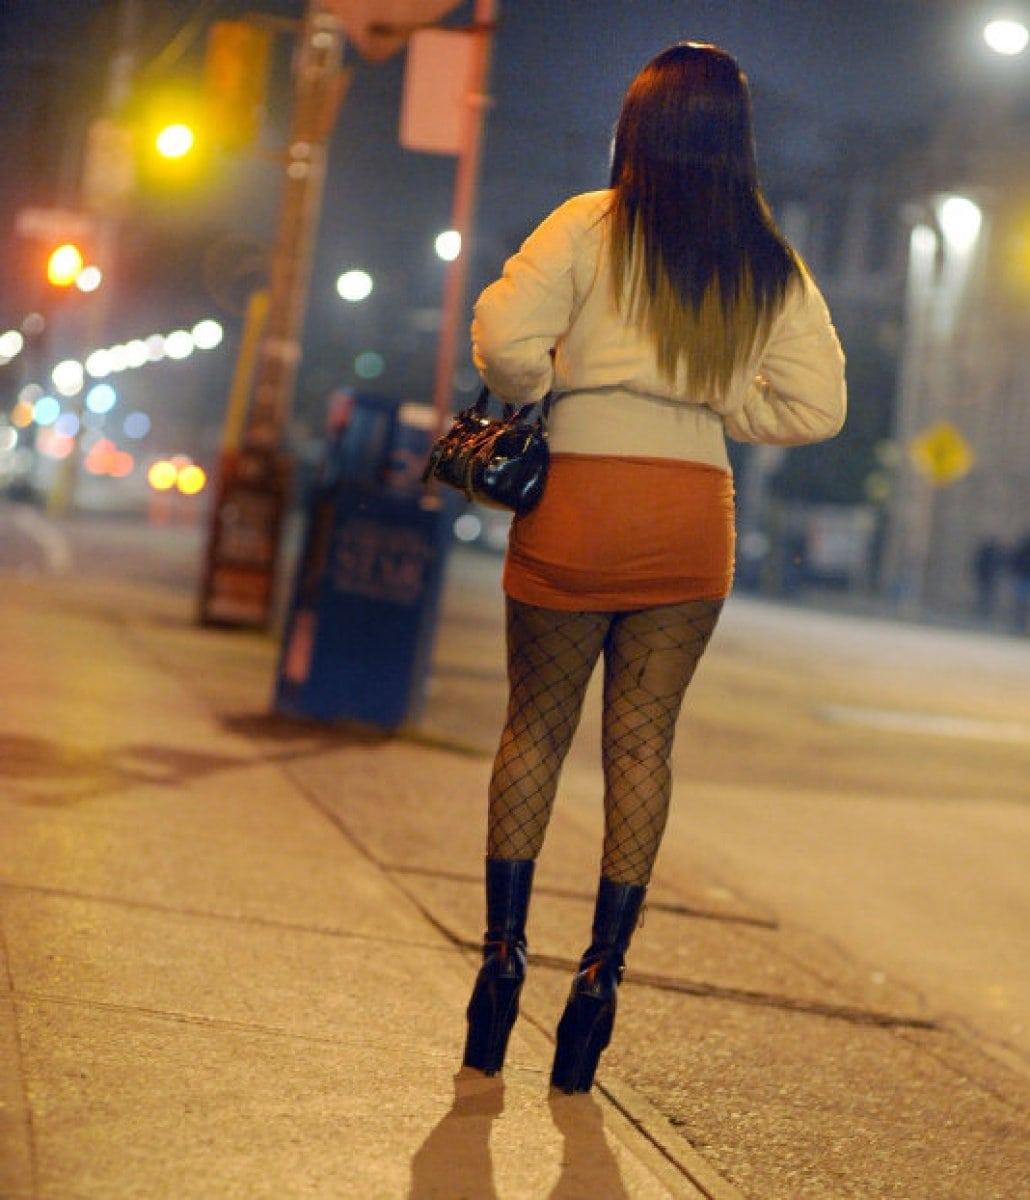 Asian Street Hooker Porn